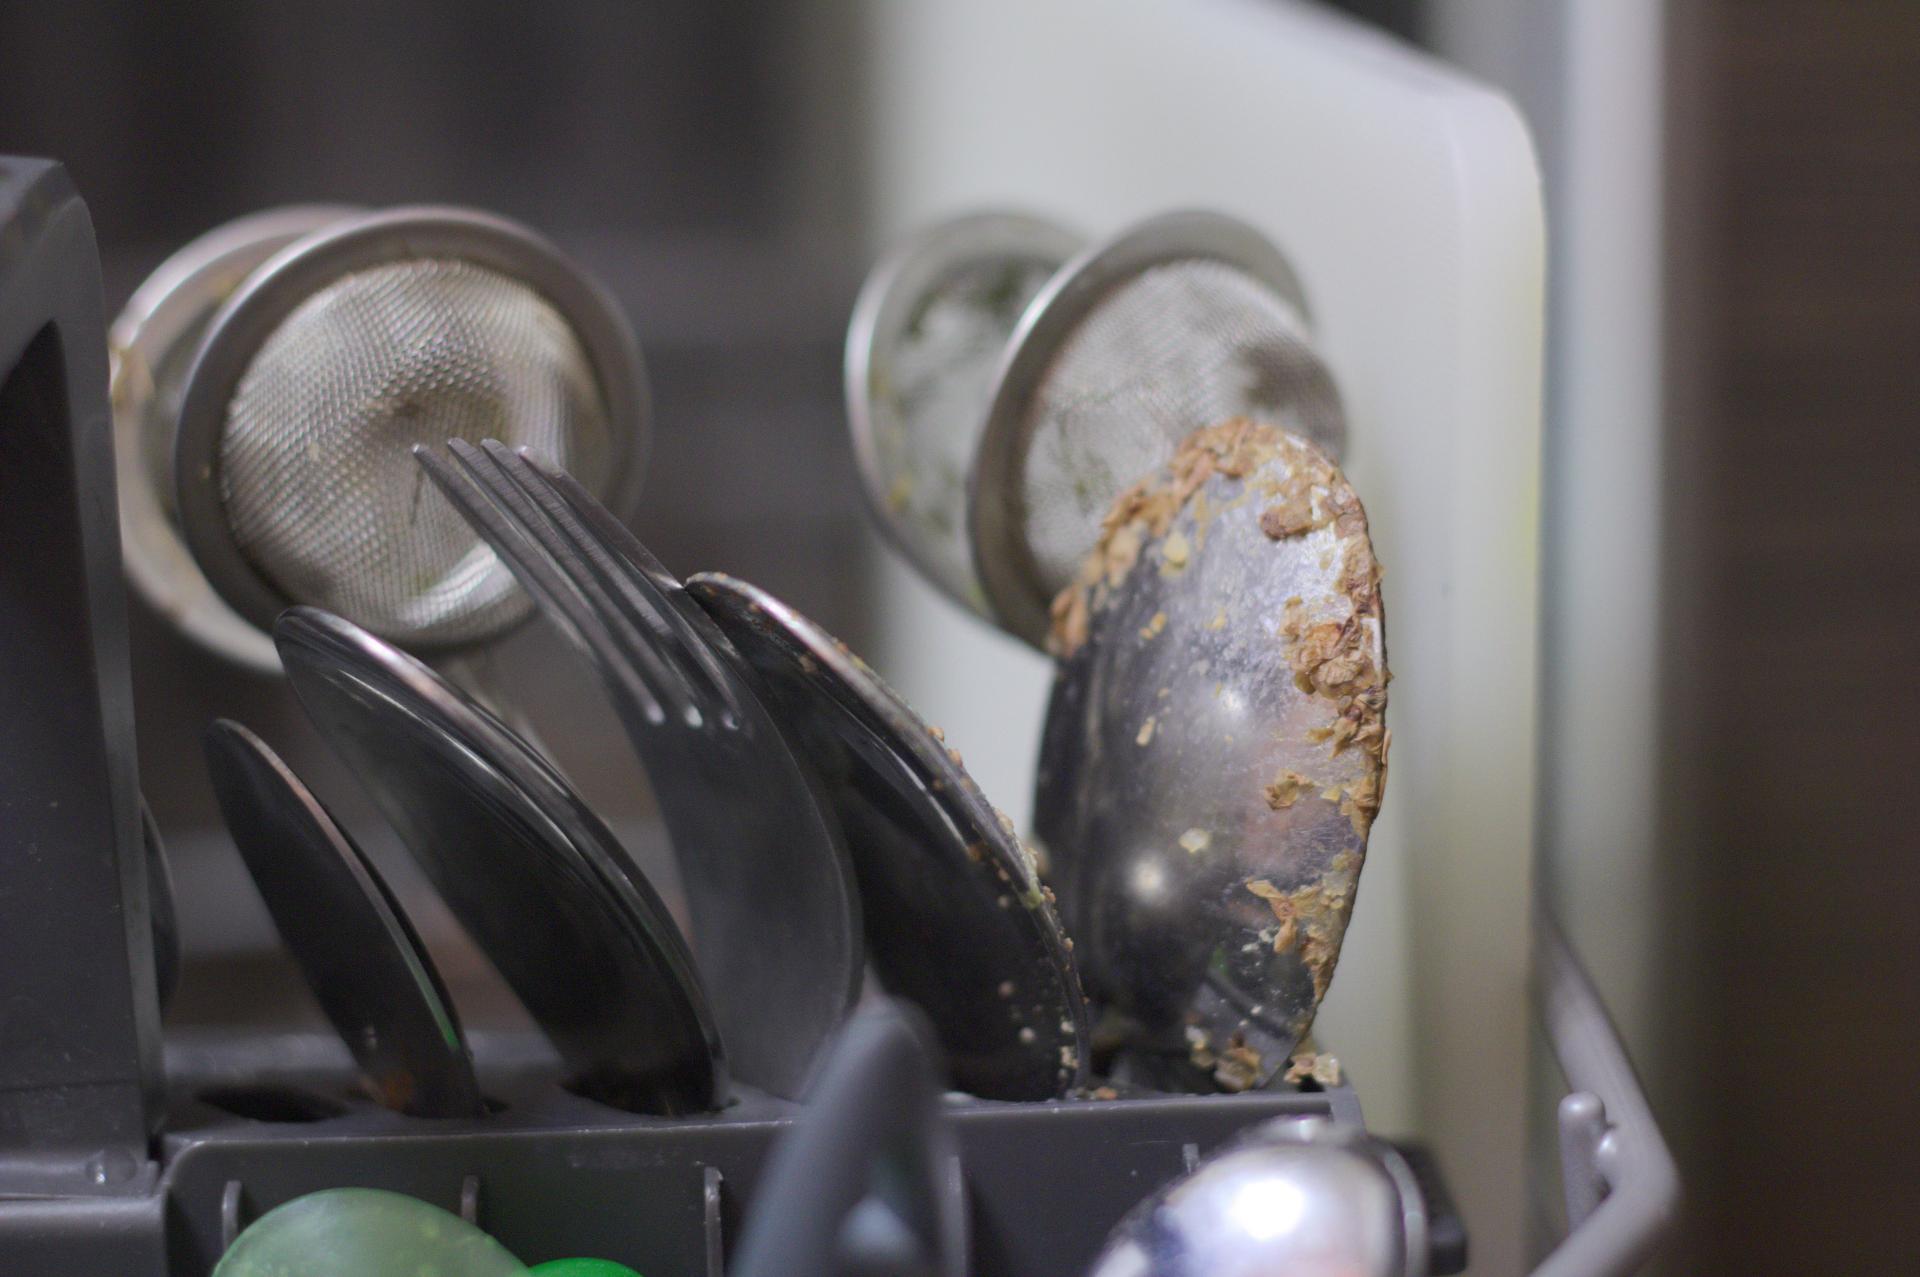 DIY порошок для посудомойки: разбираем промышленные средства и улучшаем рецепт - 11